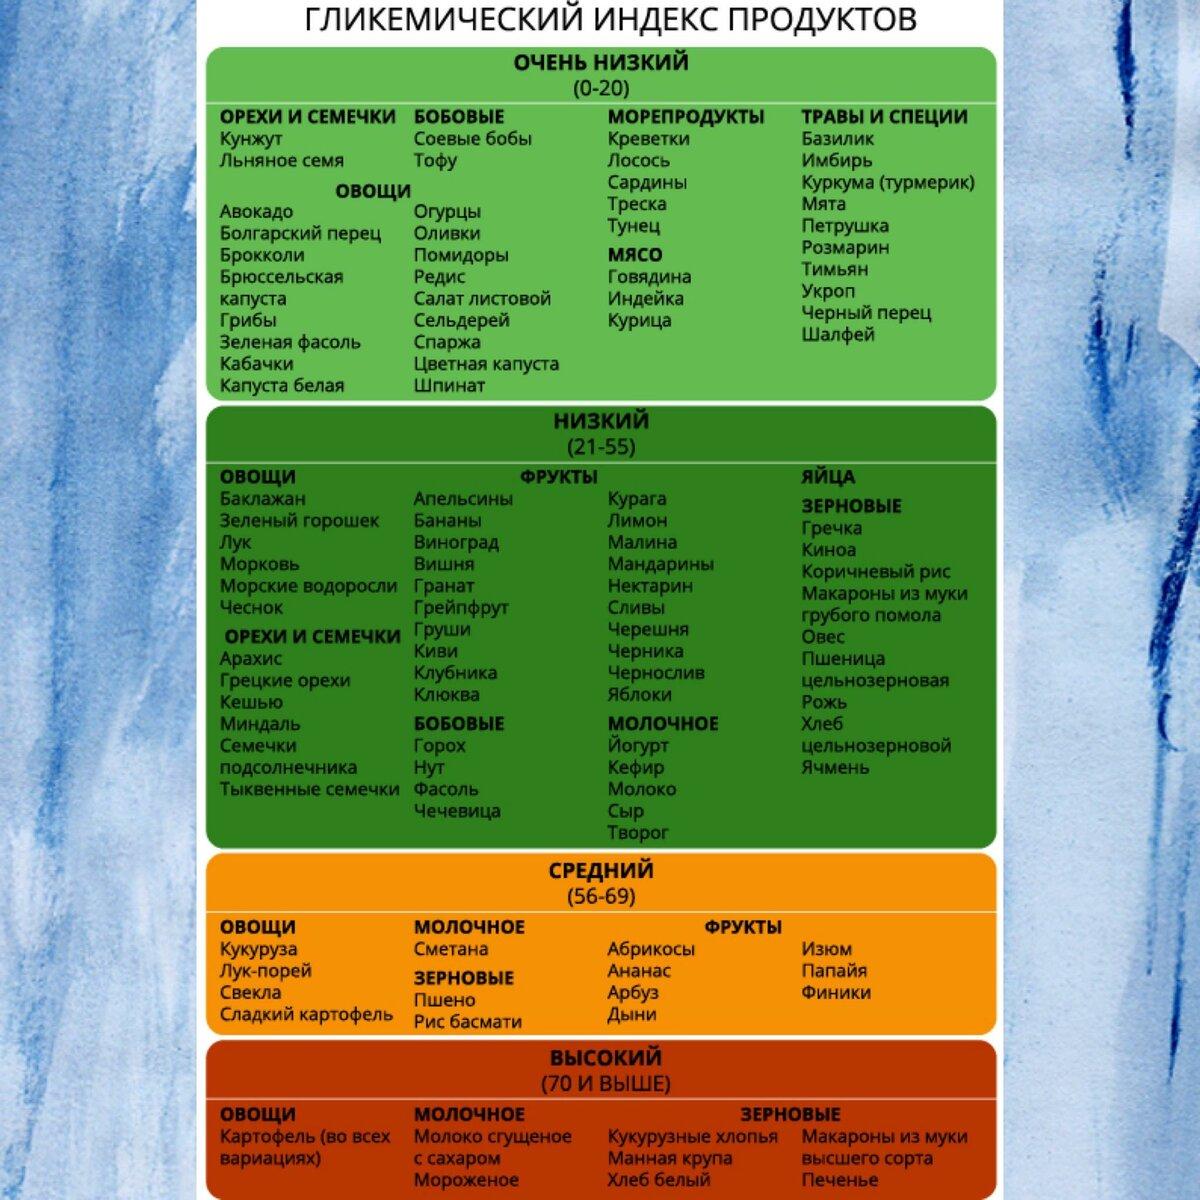 Гликемический индекс продуктов (полная таблица)